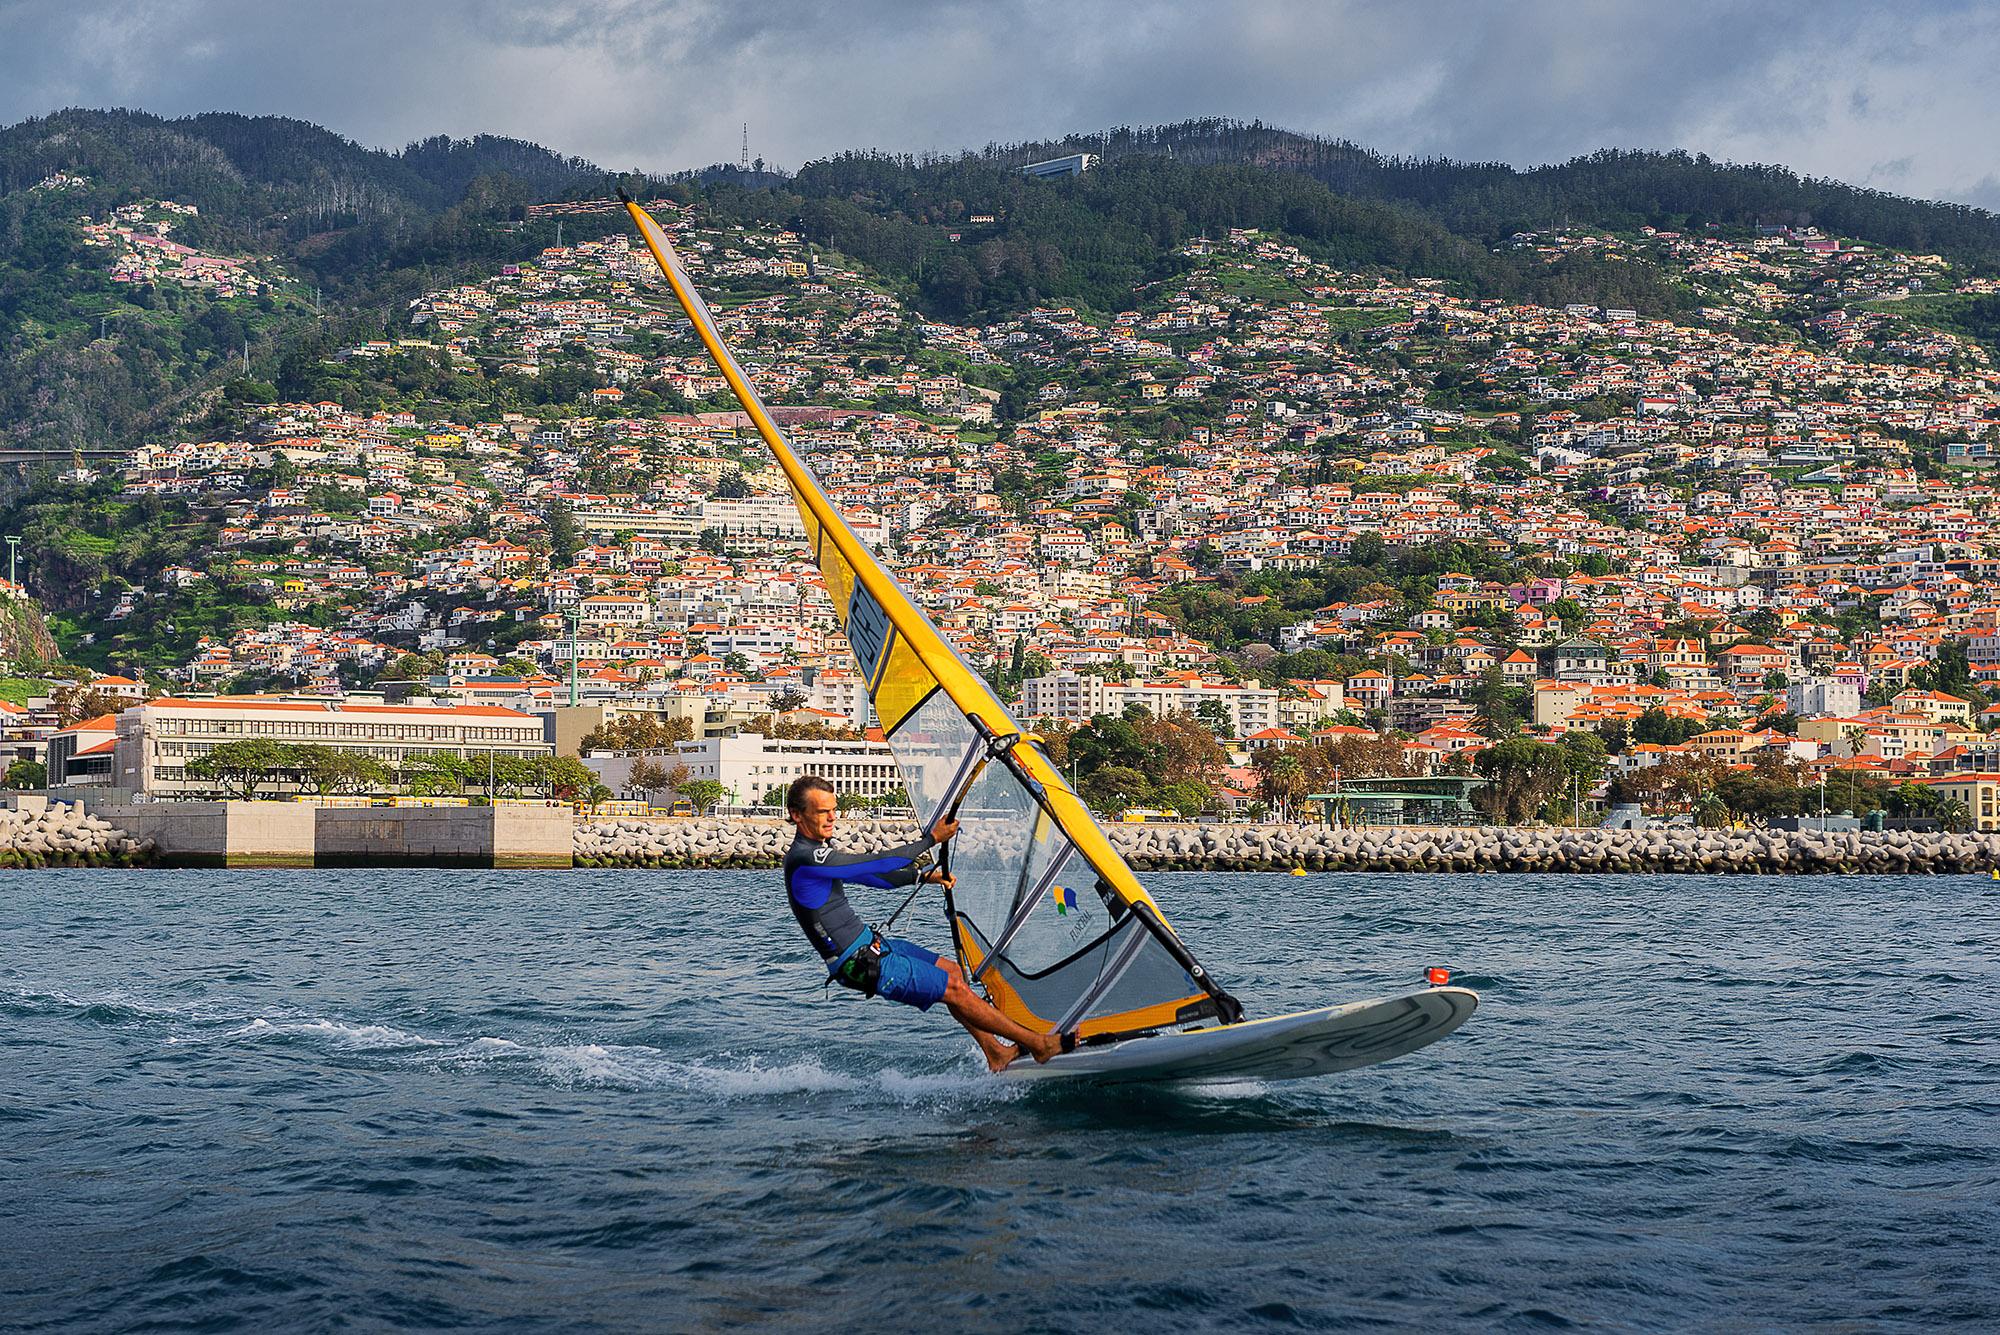 arquipelago-da-madeira-windsurfe-em-funchal